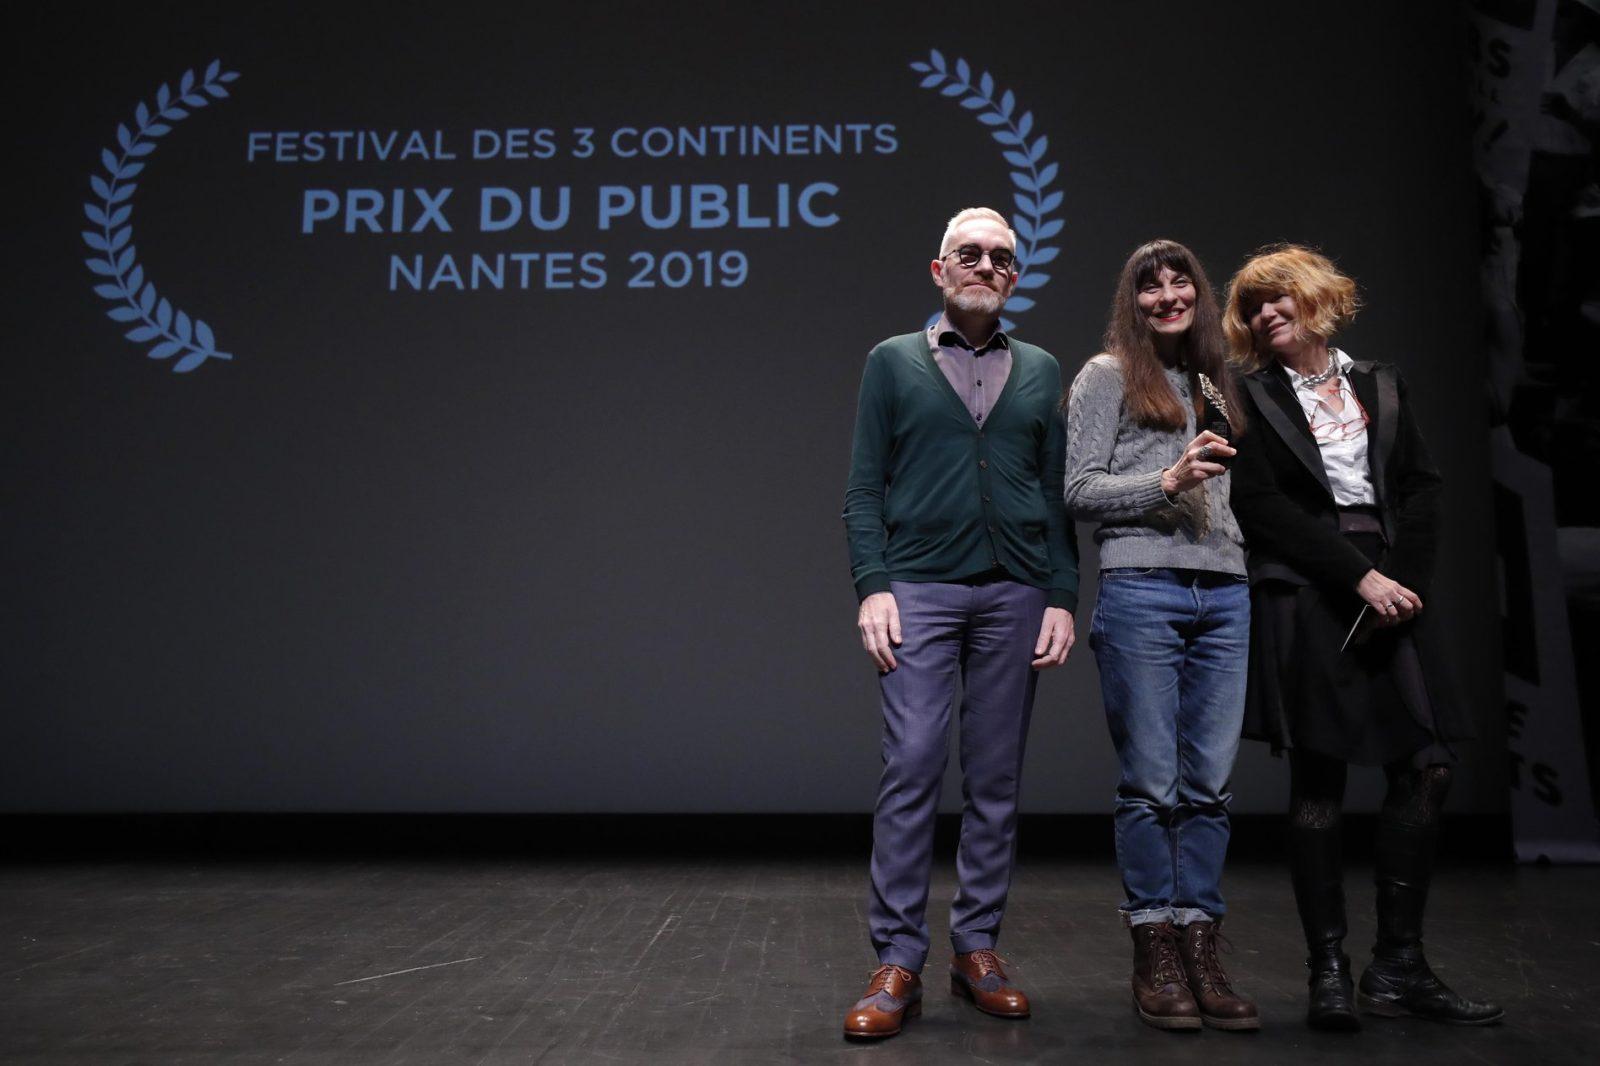 Pascale Ramonda, distributrice internationale du film 143 rue du désert, Prix de Public Wik FIP, avec Patrick Thibault de Wik et Yolande Brun de FIP ©S Mahé